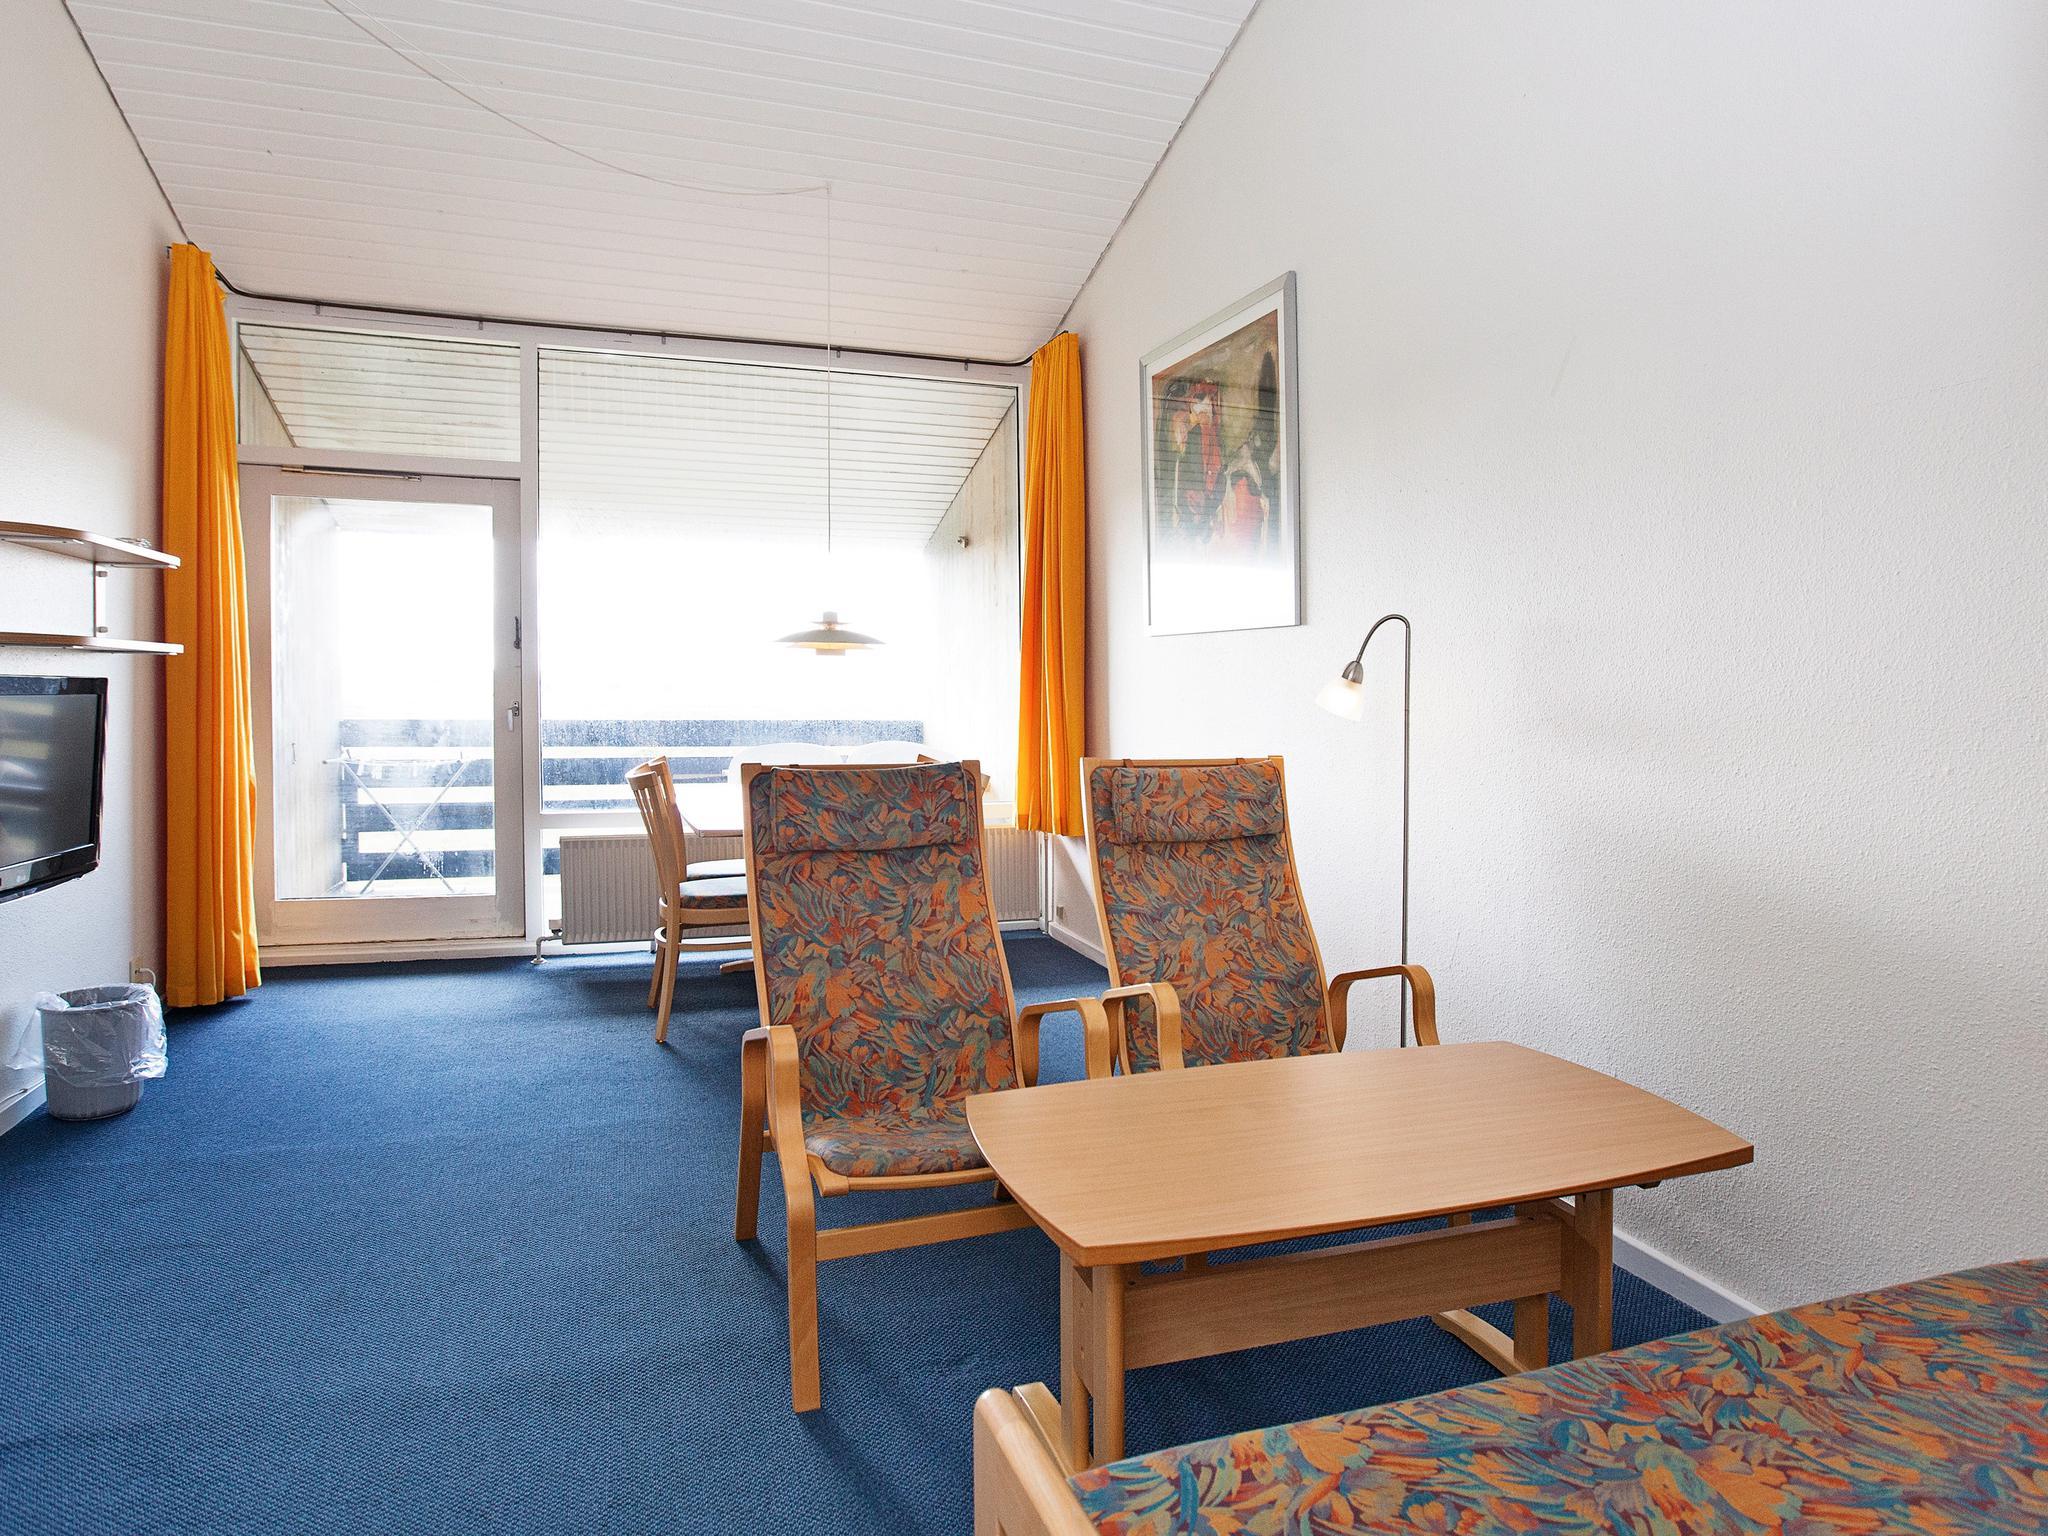 Ferienwohnung Hirtshals - Typ 1 - 2 Zimmer m/Meerblick (382686), Hirtshals, , Nordwestjütland, Dänemark, Bild 15